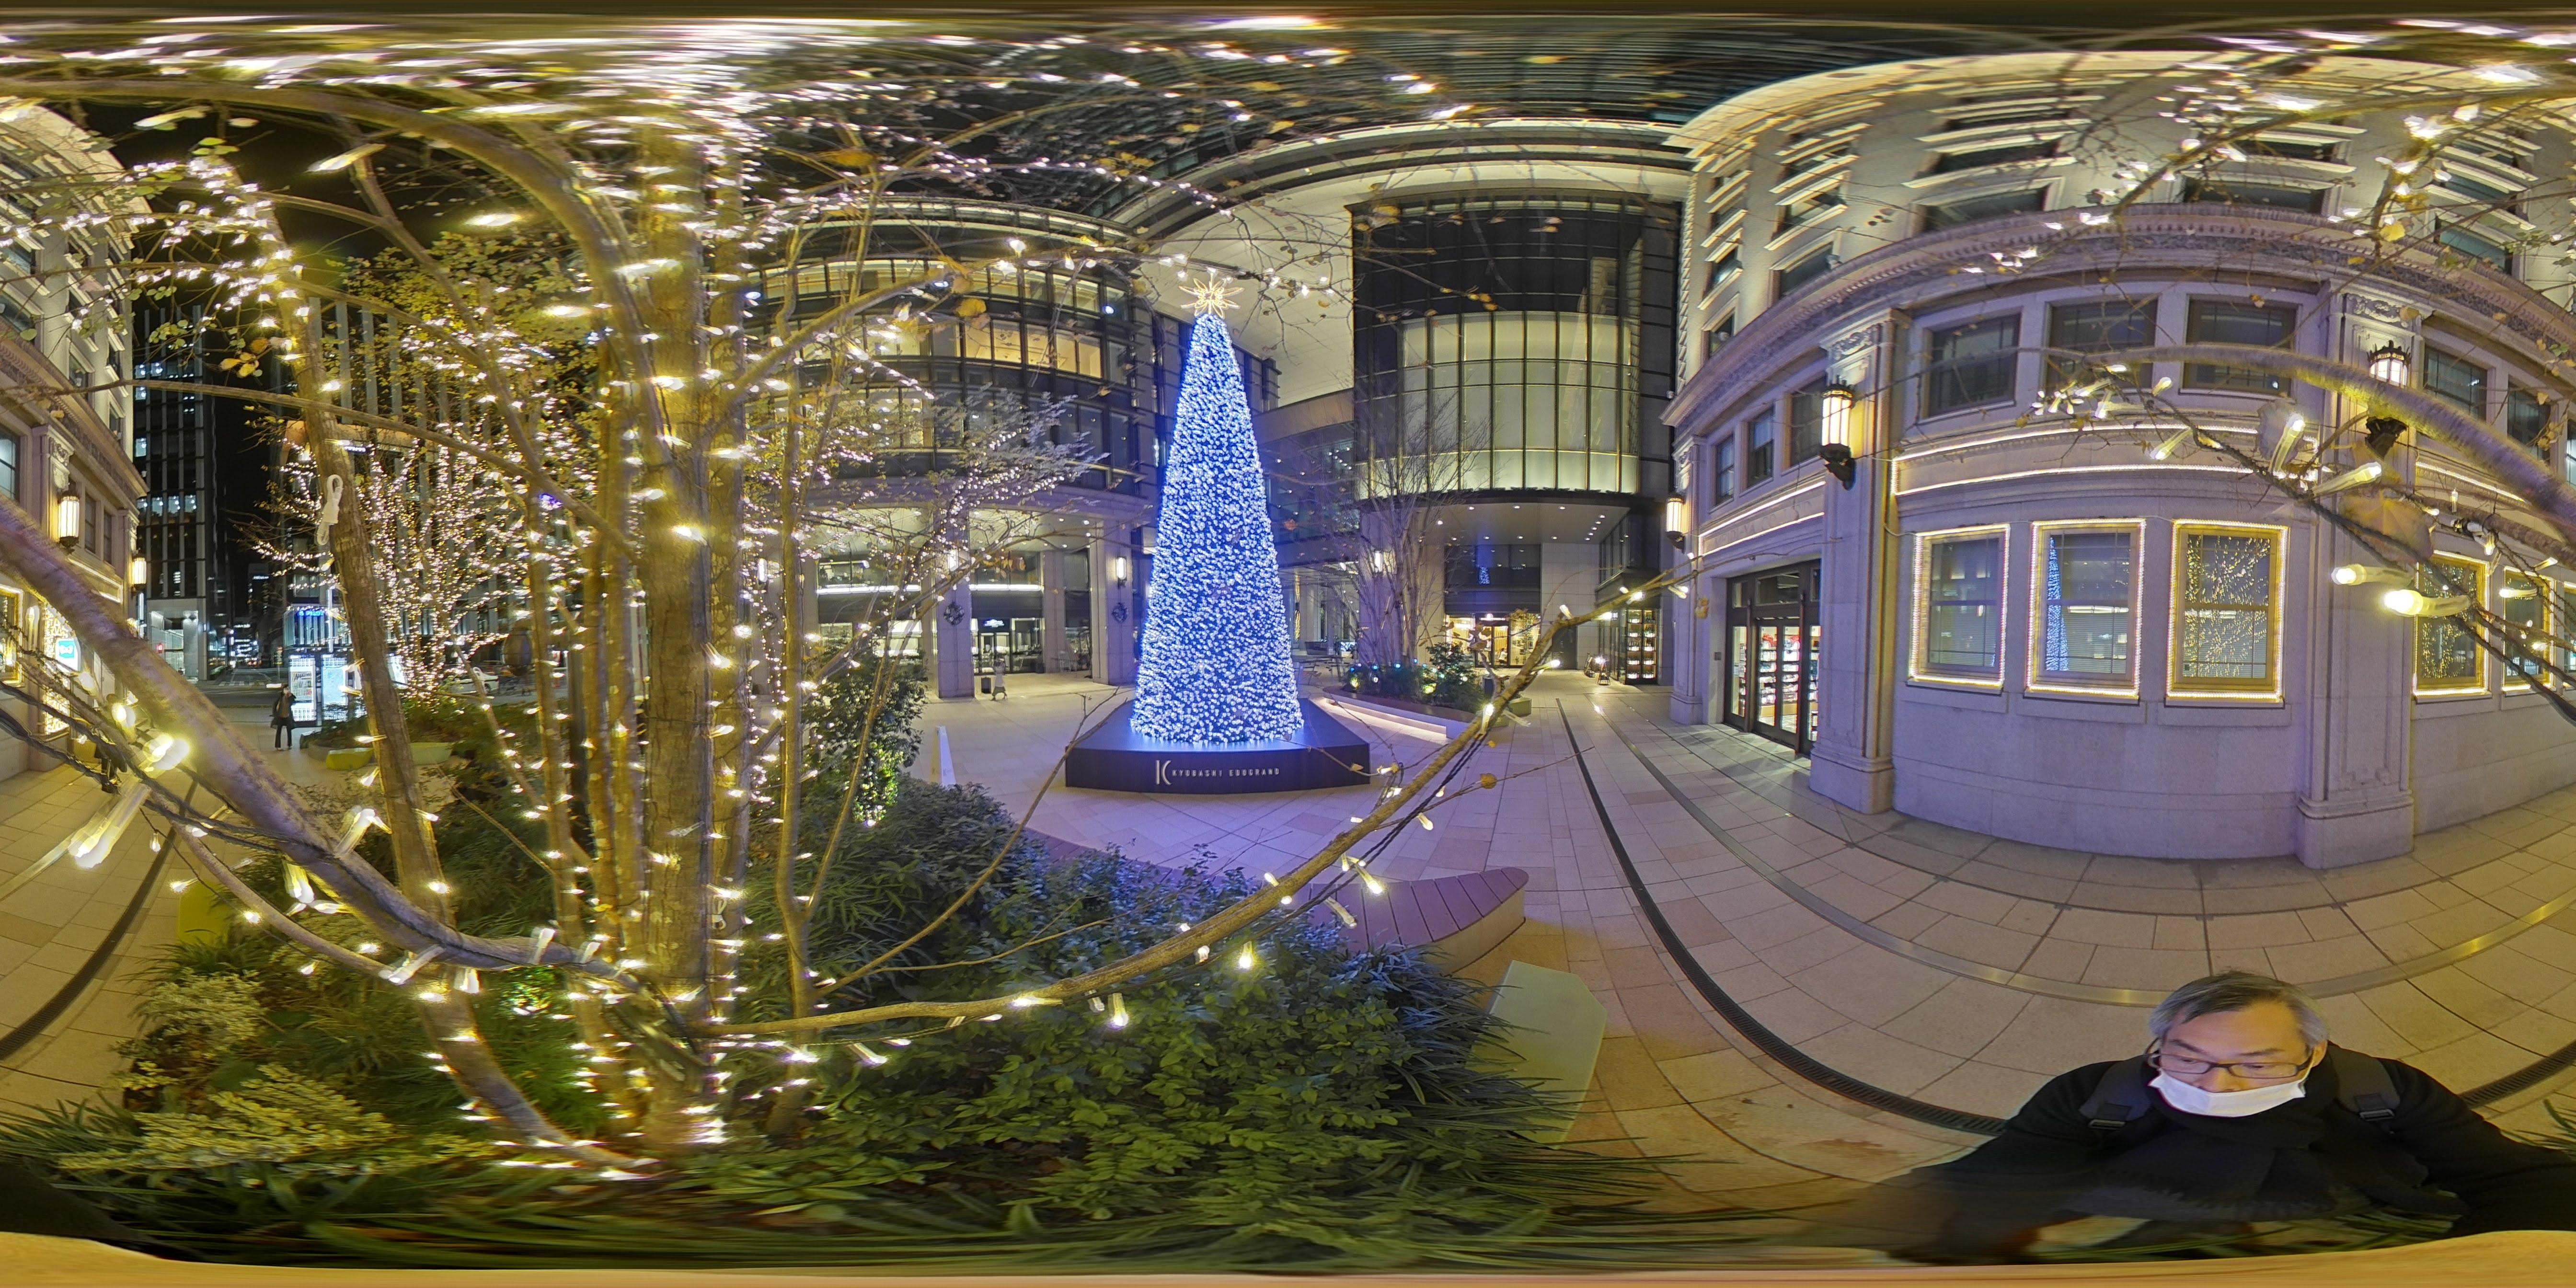 京橋駅前のクリスマスツリー 素画像